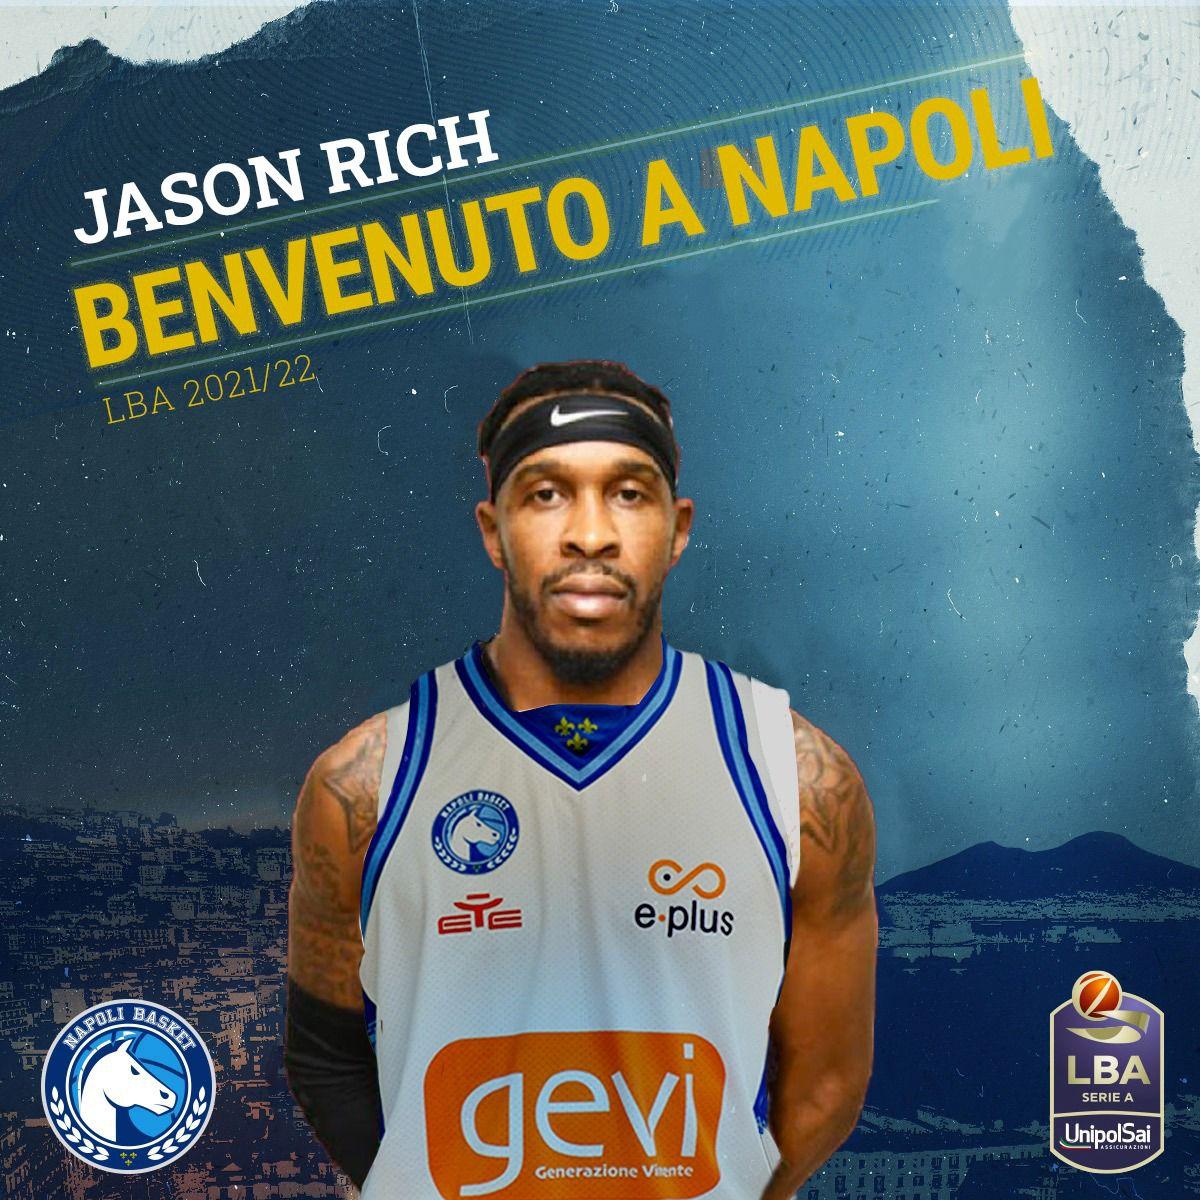 #LBA – GeVi Napoli, ufficiale l'arrivo di Jason Rich